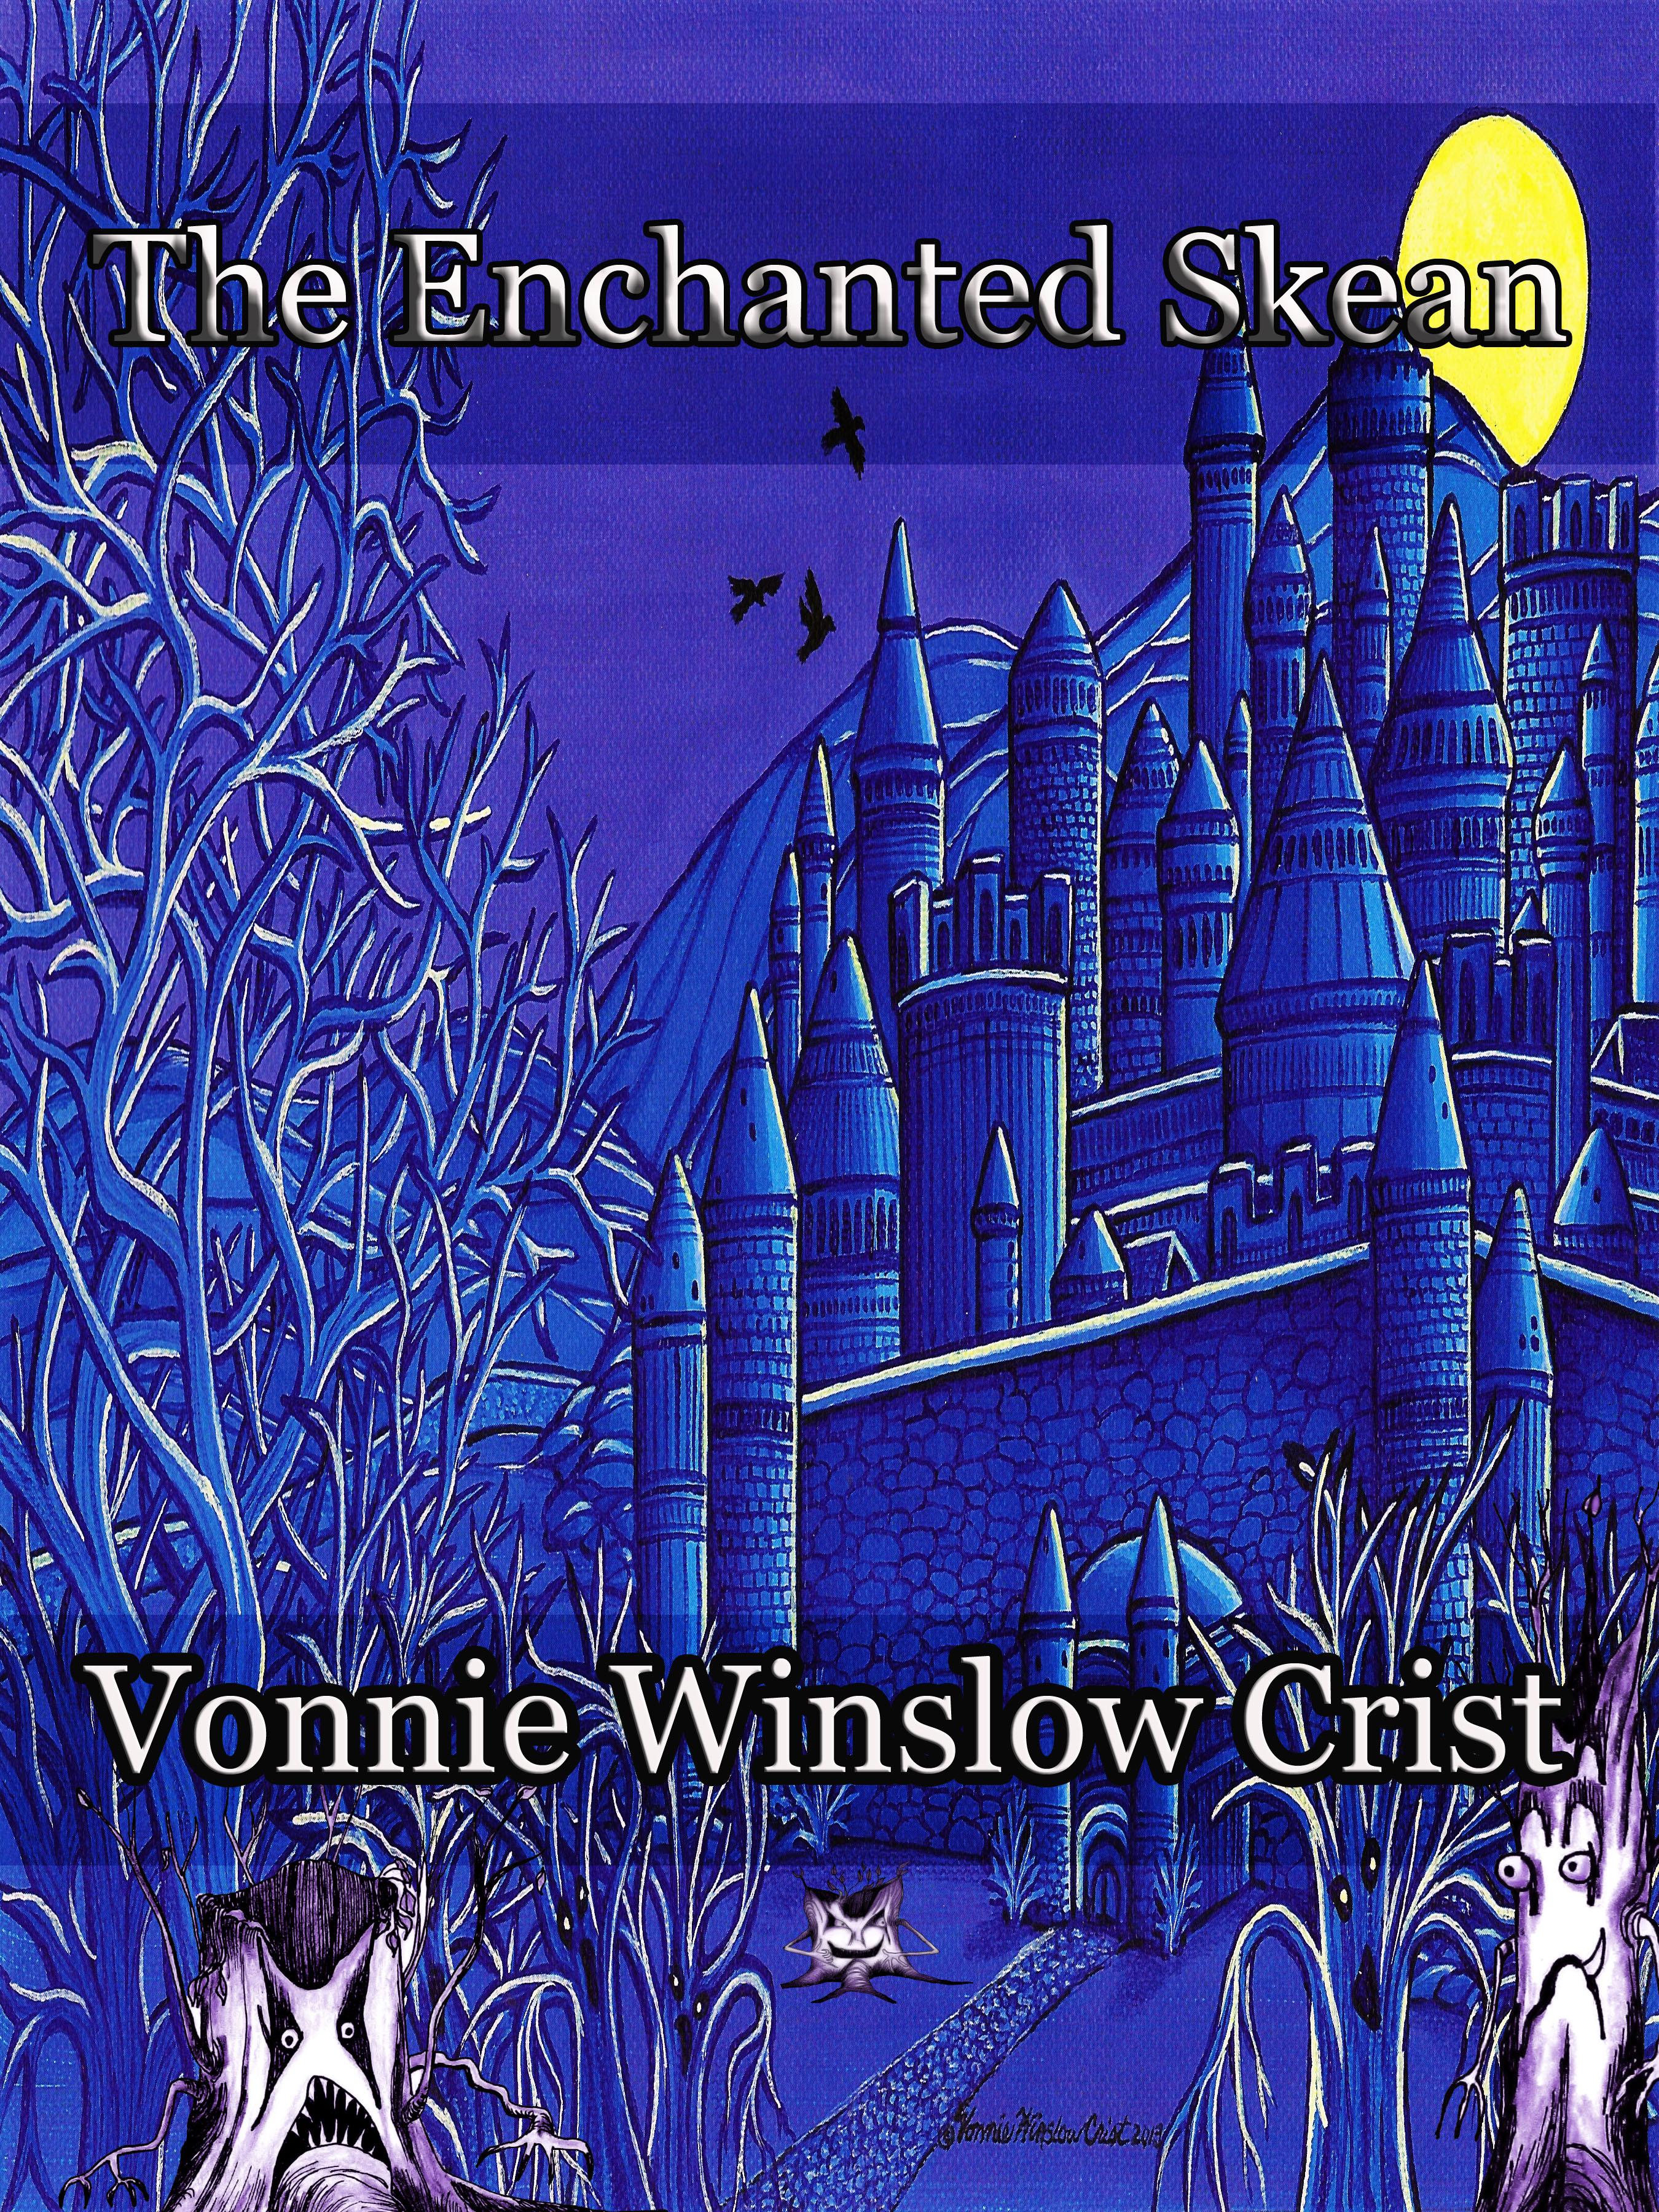 Vonnie Crist's book cover